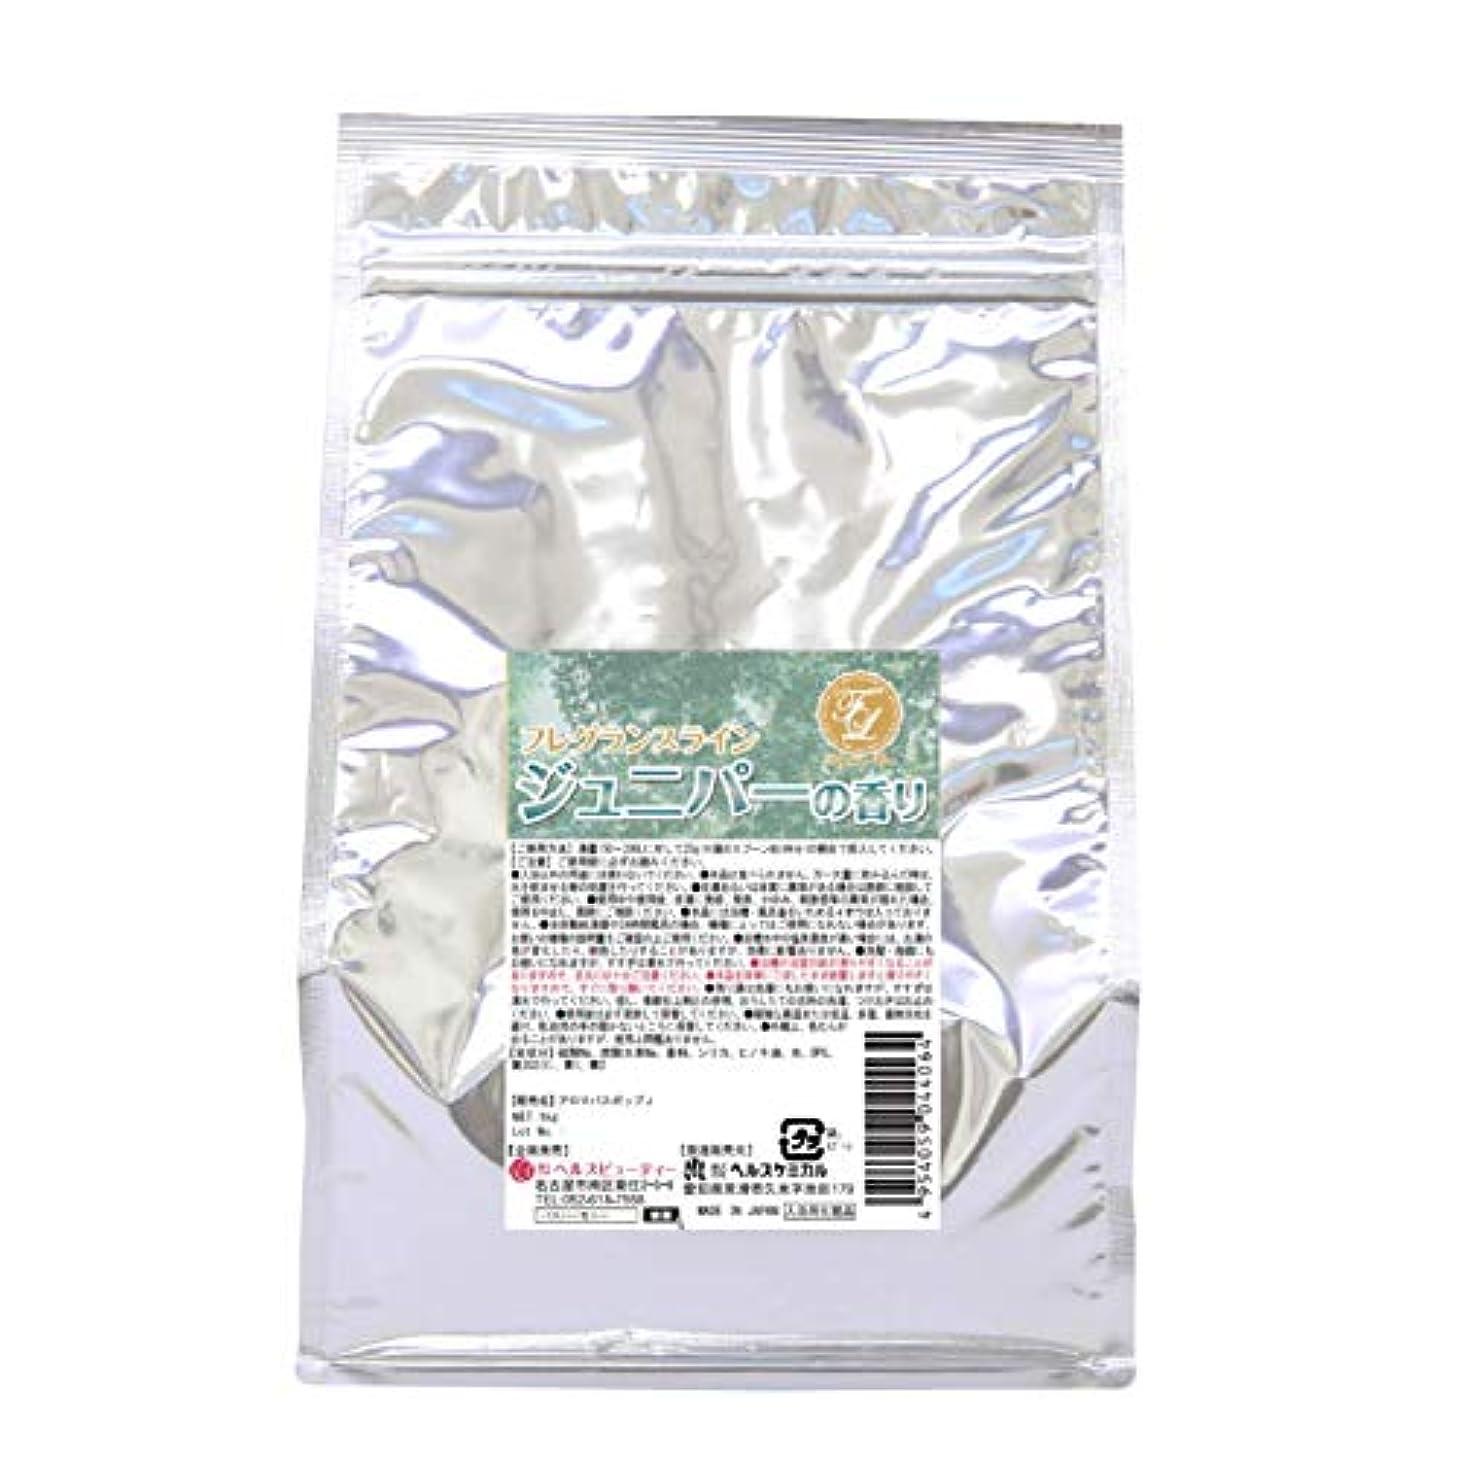 敬な第二香水入浴剤 湯匠仕込 ジュニパーの香り 1kg 50回分 お徳用